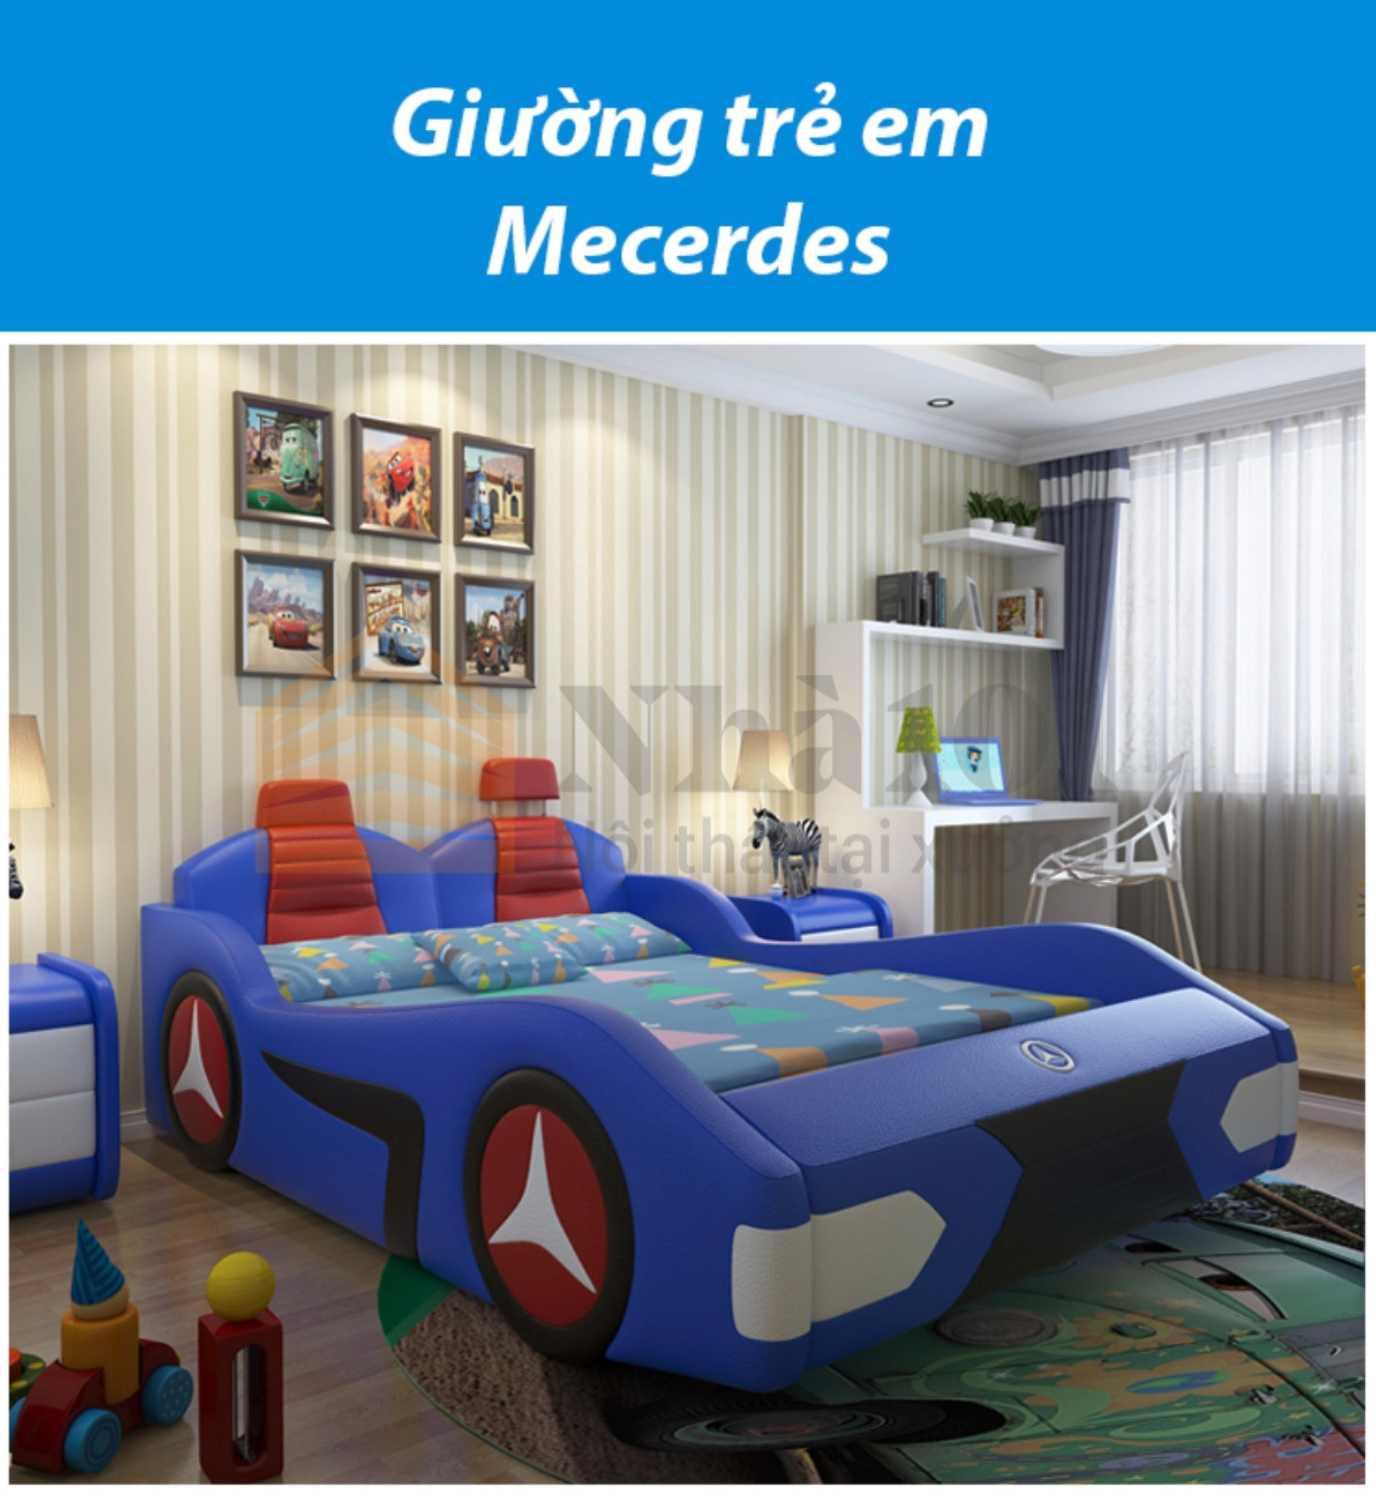 Giường Trẻ Em Mecerdes, giường trẻ em, giường mecerdes 1